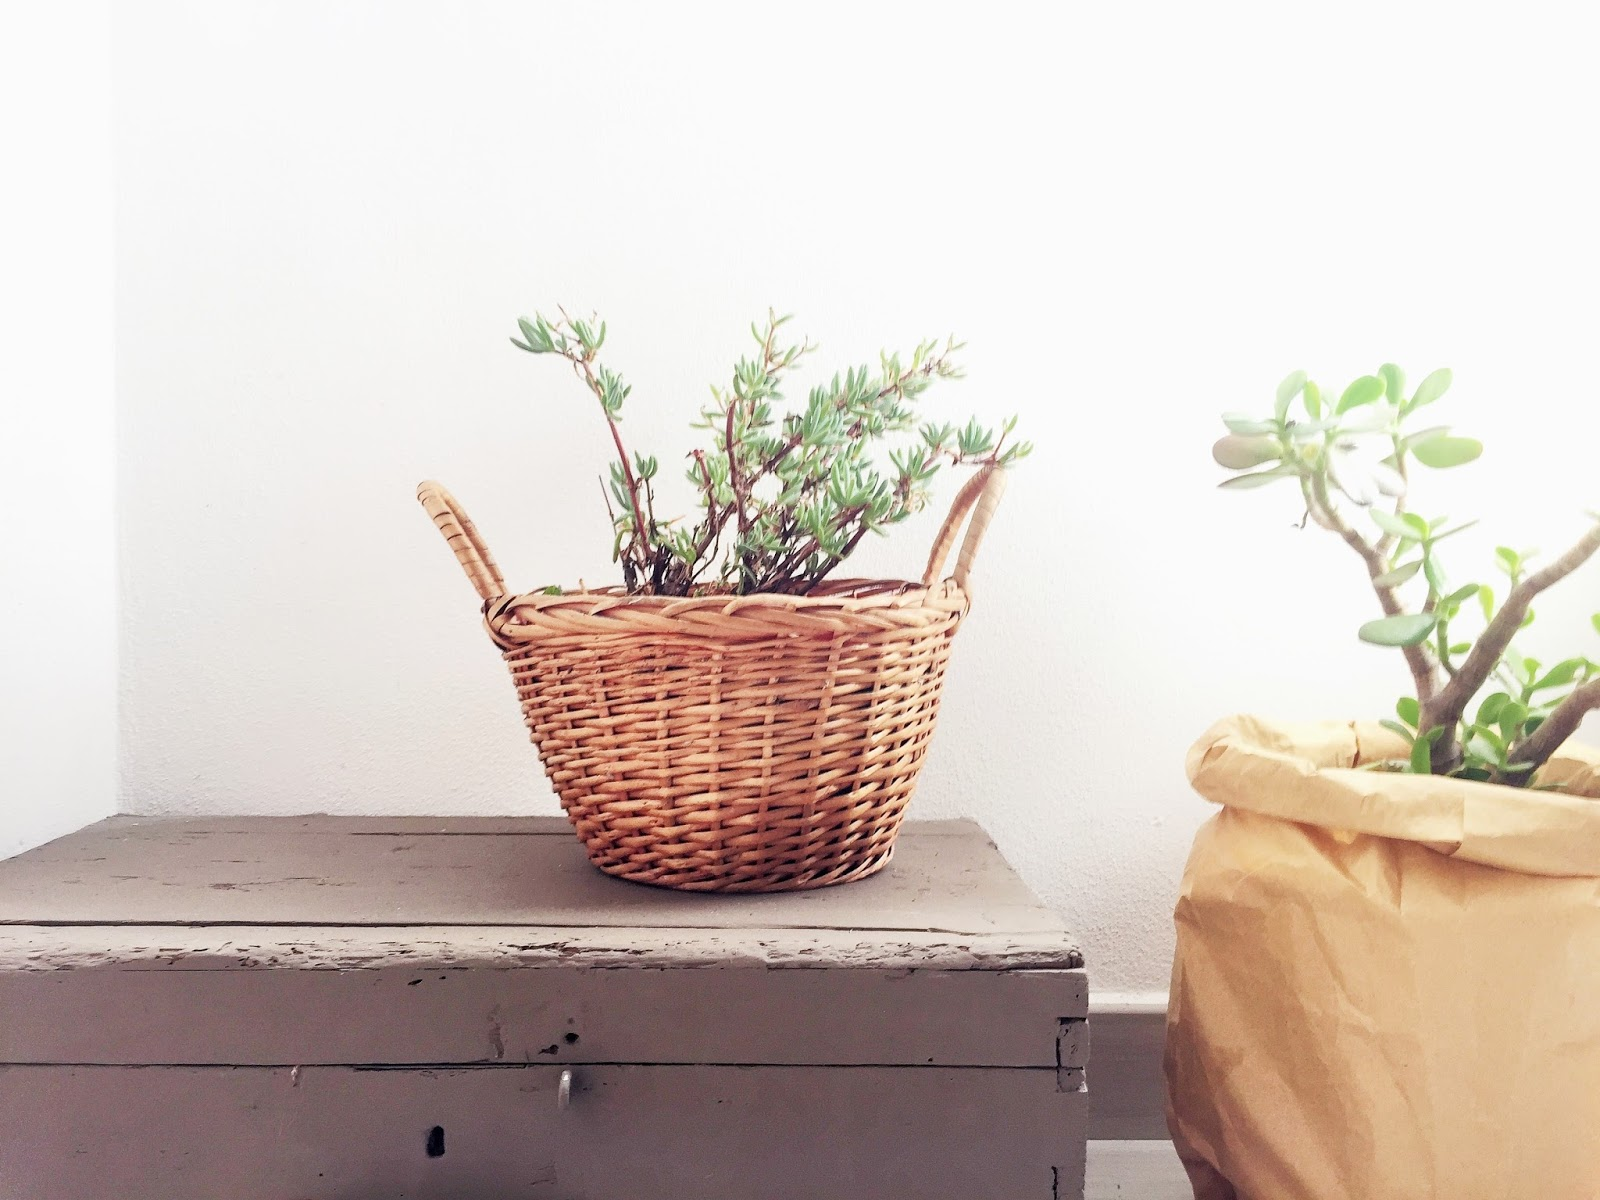 Blog arredamento idee per arredare part 5 - Sacchi di terra per giardino ...